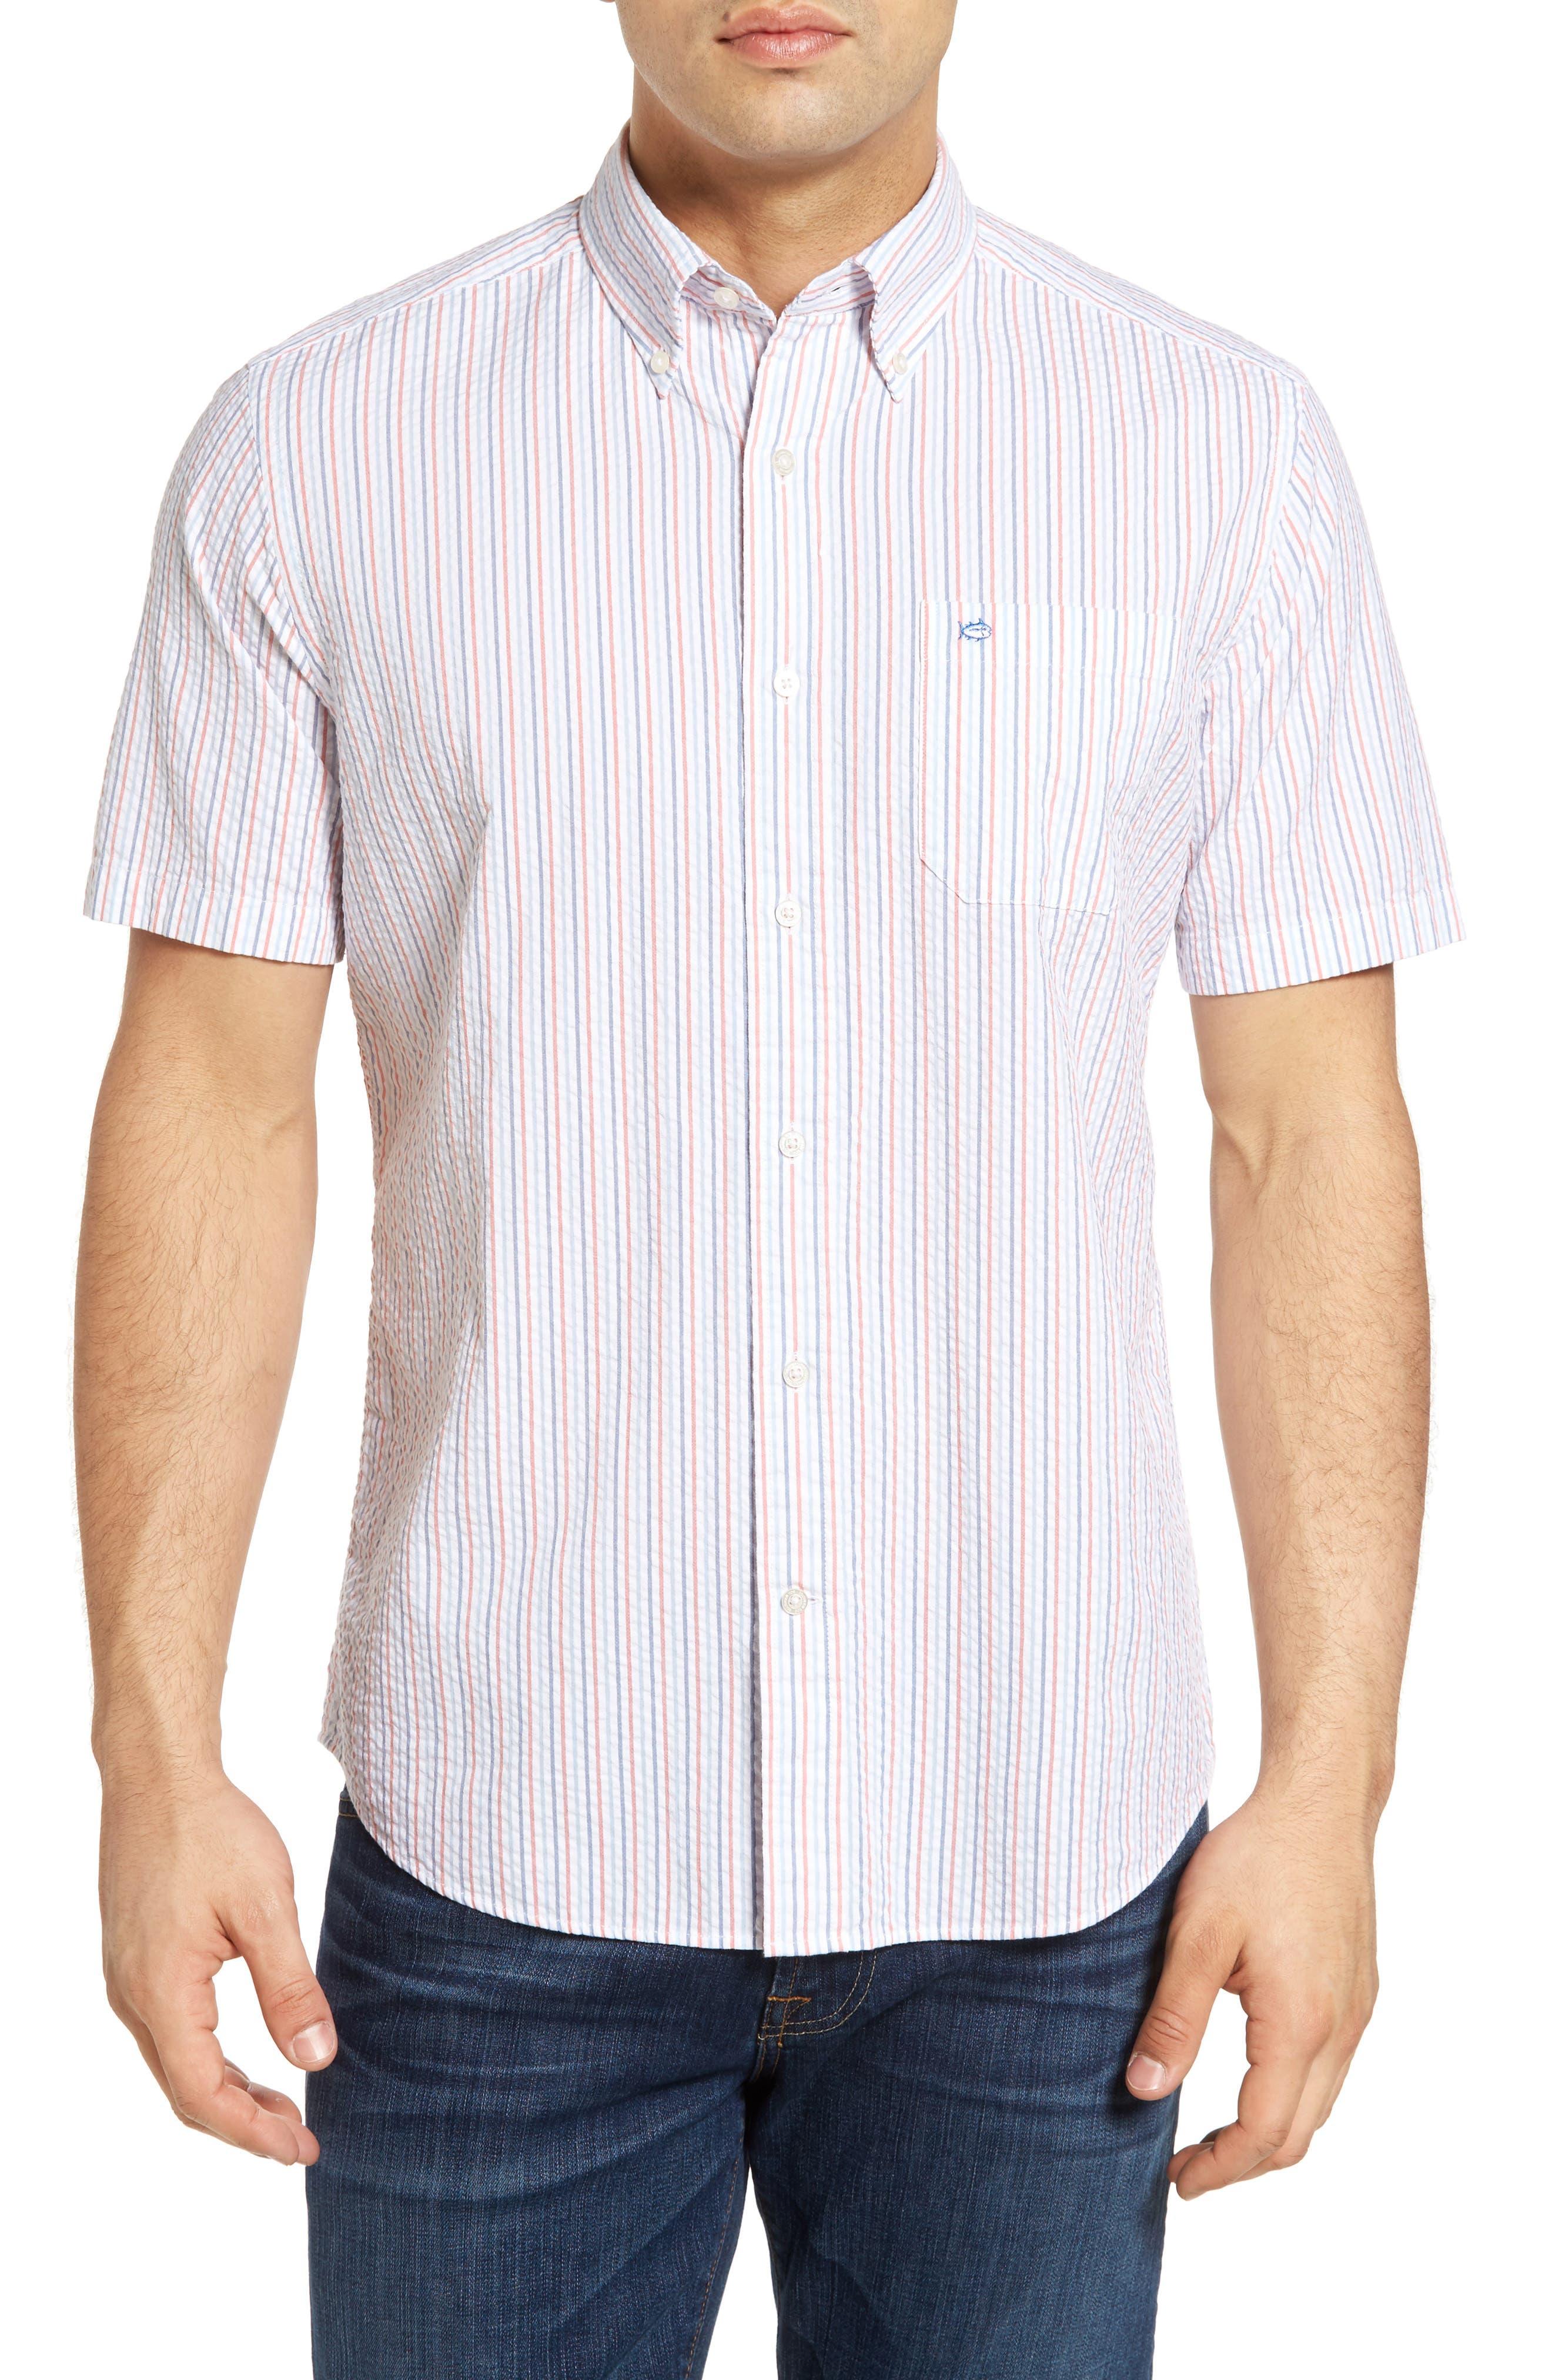 SOUTHERN TIDE Stripe Seersucker Sport Shirt